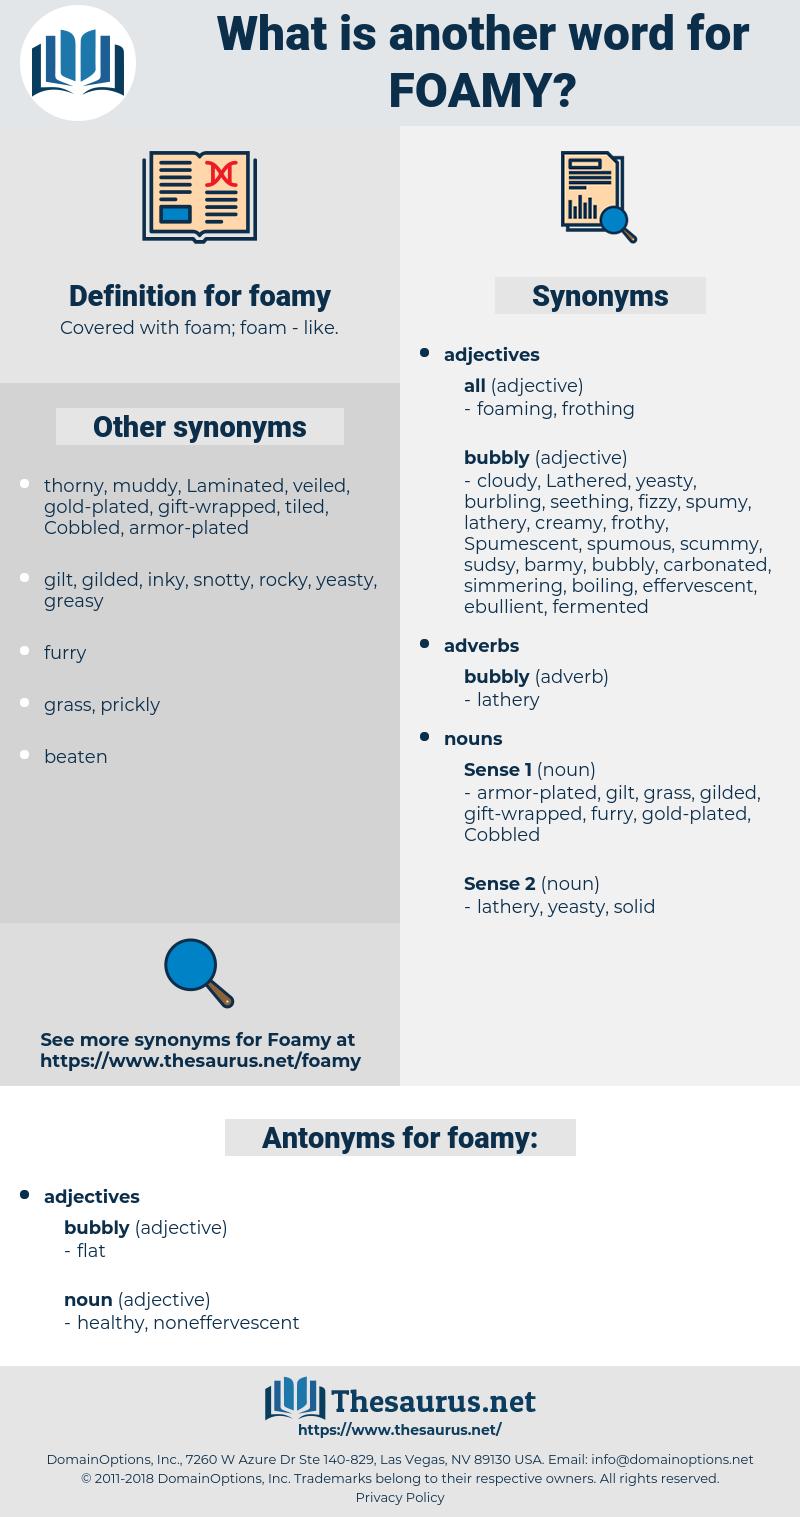 foamy, synonym foamy, another word for foamy, words like foamy, thesaurus foamy